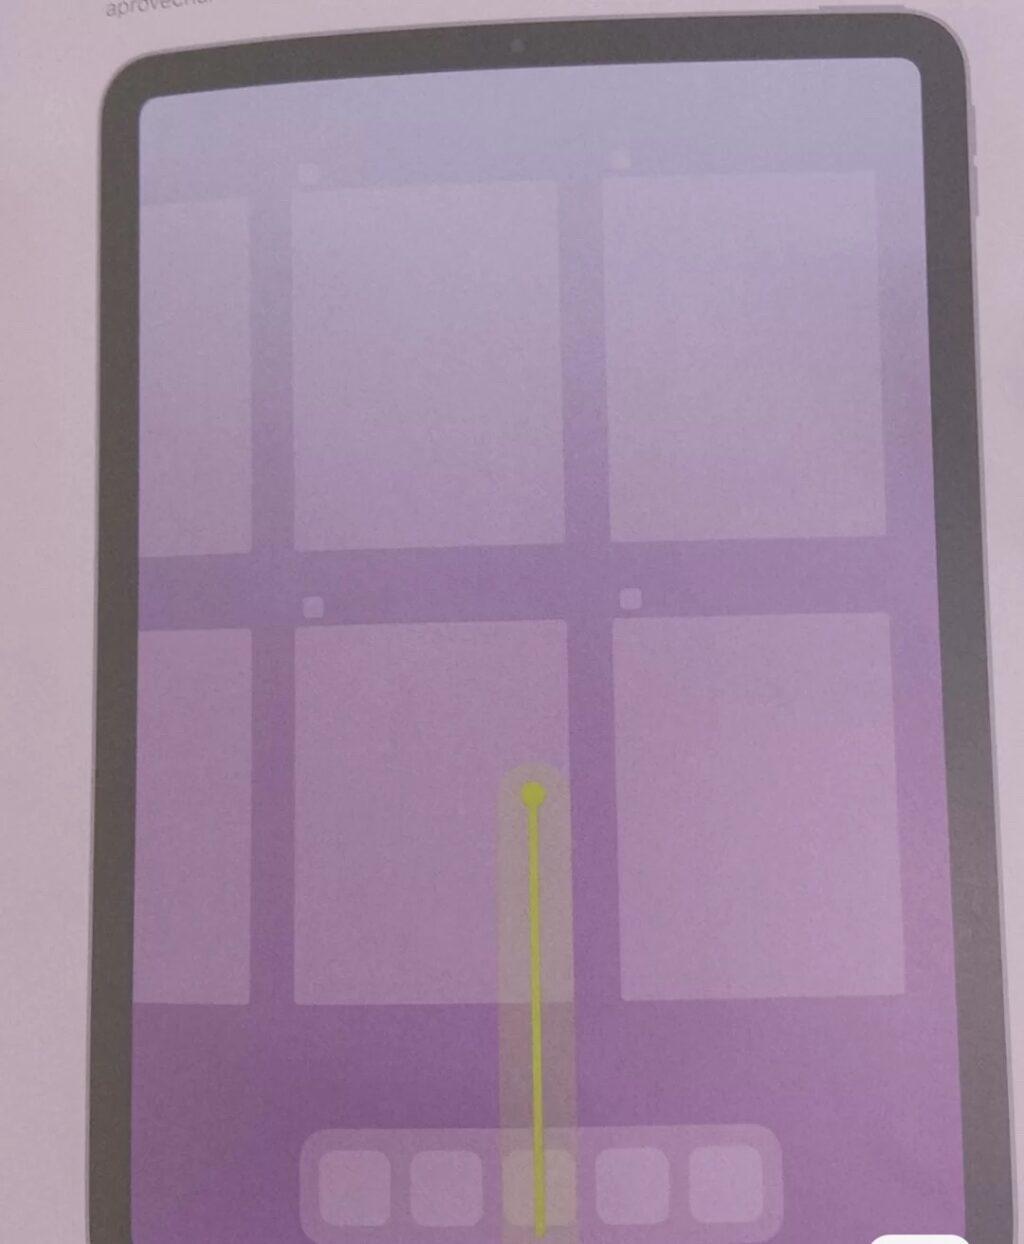 Apple iPad Air 4: Instructions should confirm design, USB ...